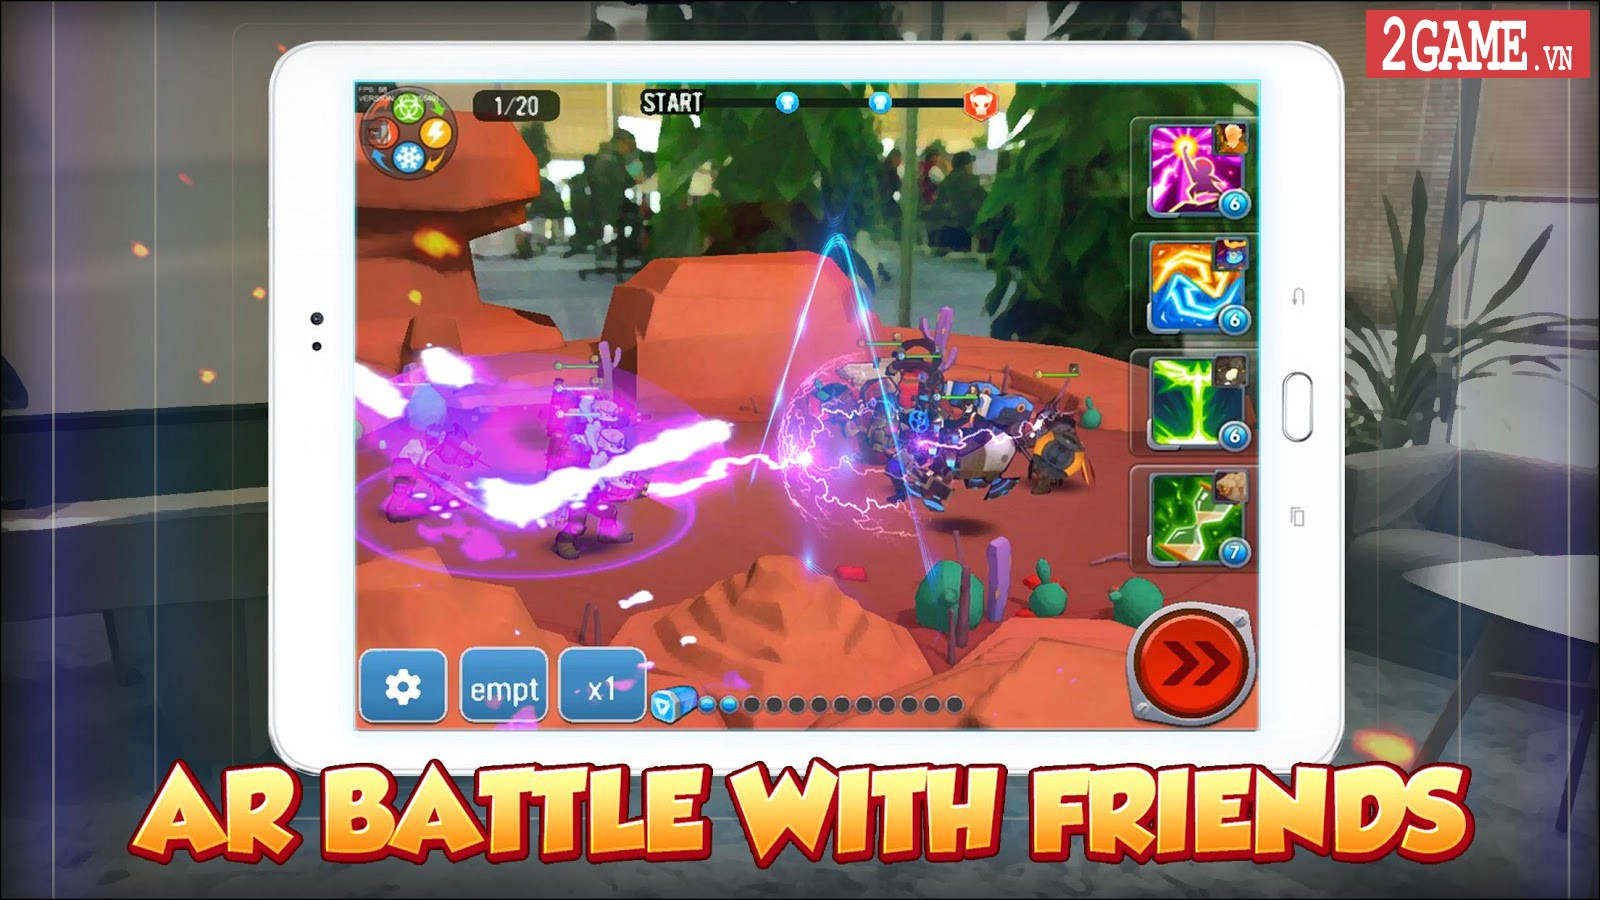 iShelter - Game nhập vai kết hợp chiến thuật với nền đồ họa siêu lạ 0